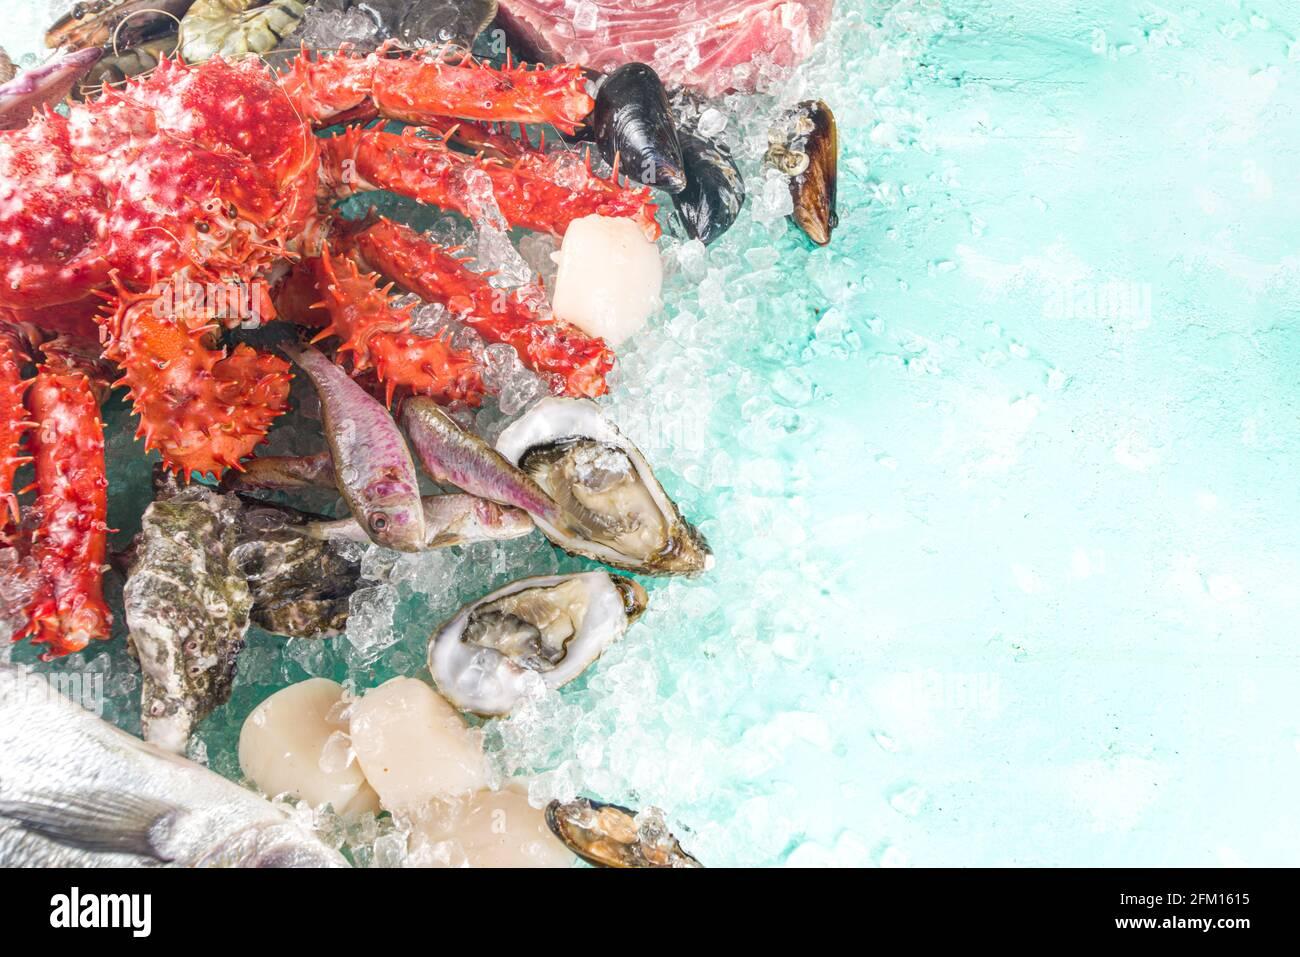 Conjunto de varios mariscos frescos crudos - pulpo, cangrejo, calamares, langostinos, ostras, mejillones, salmón atún dorado pescado con especias de hierbas limón, azul claro Foto de stock